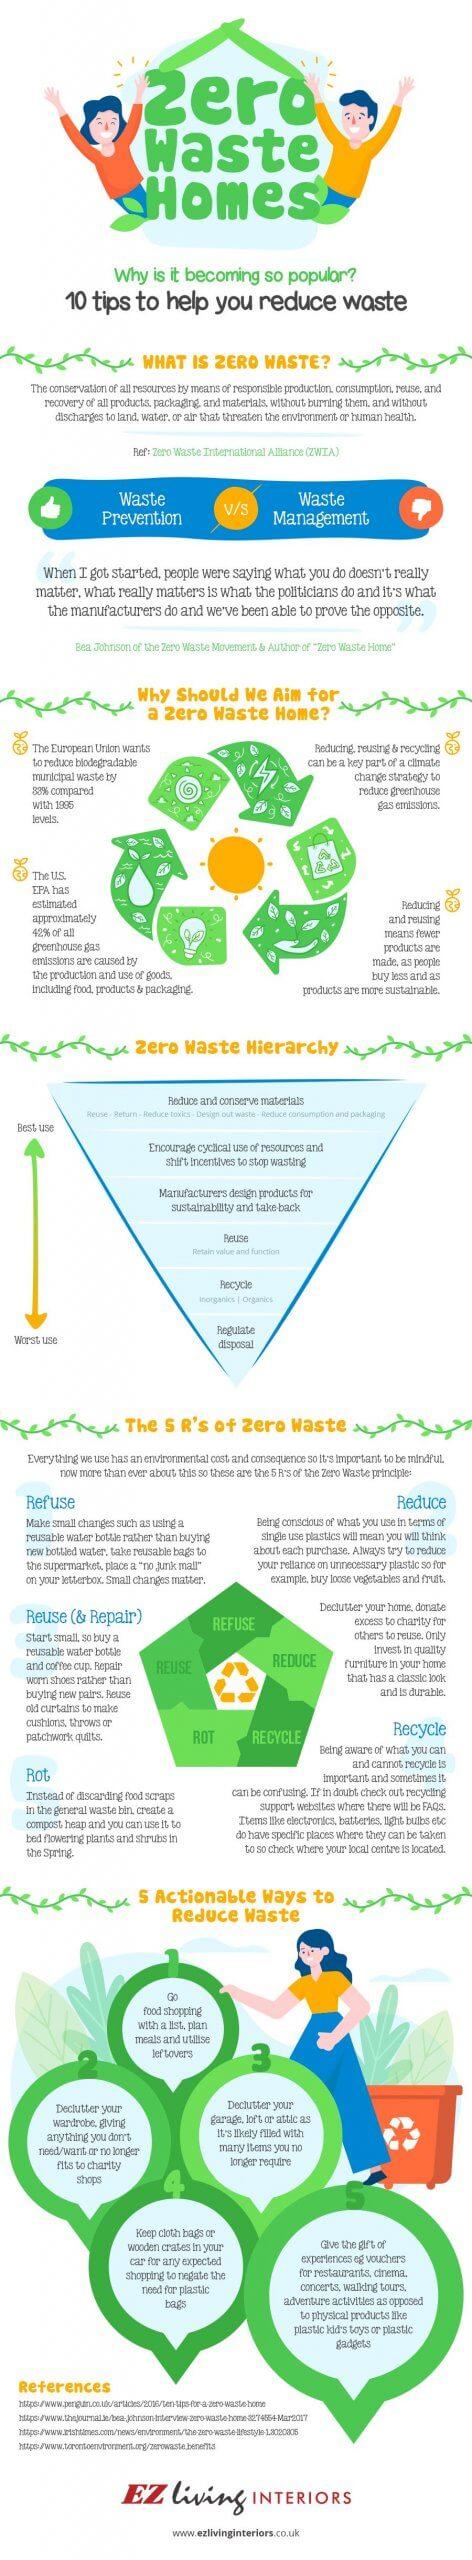 Zero-waste homes infographic